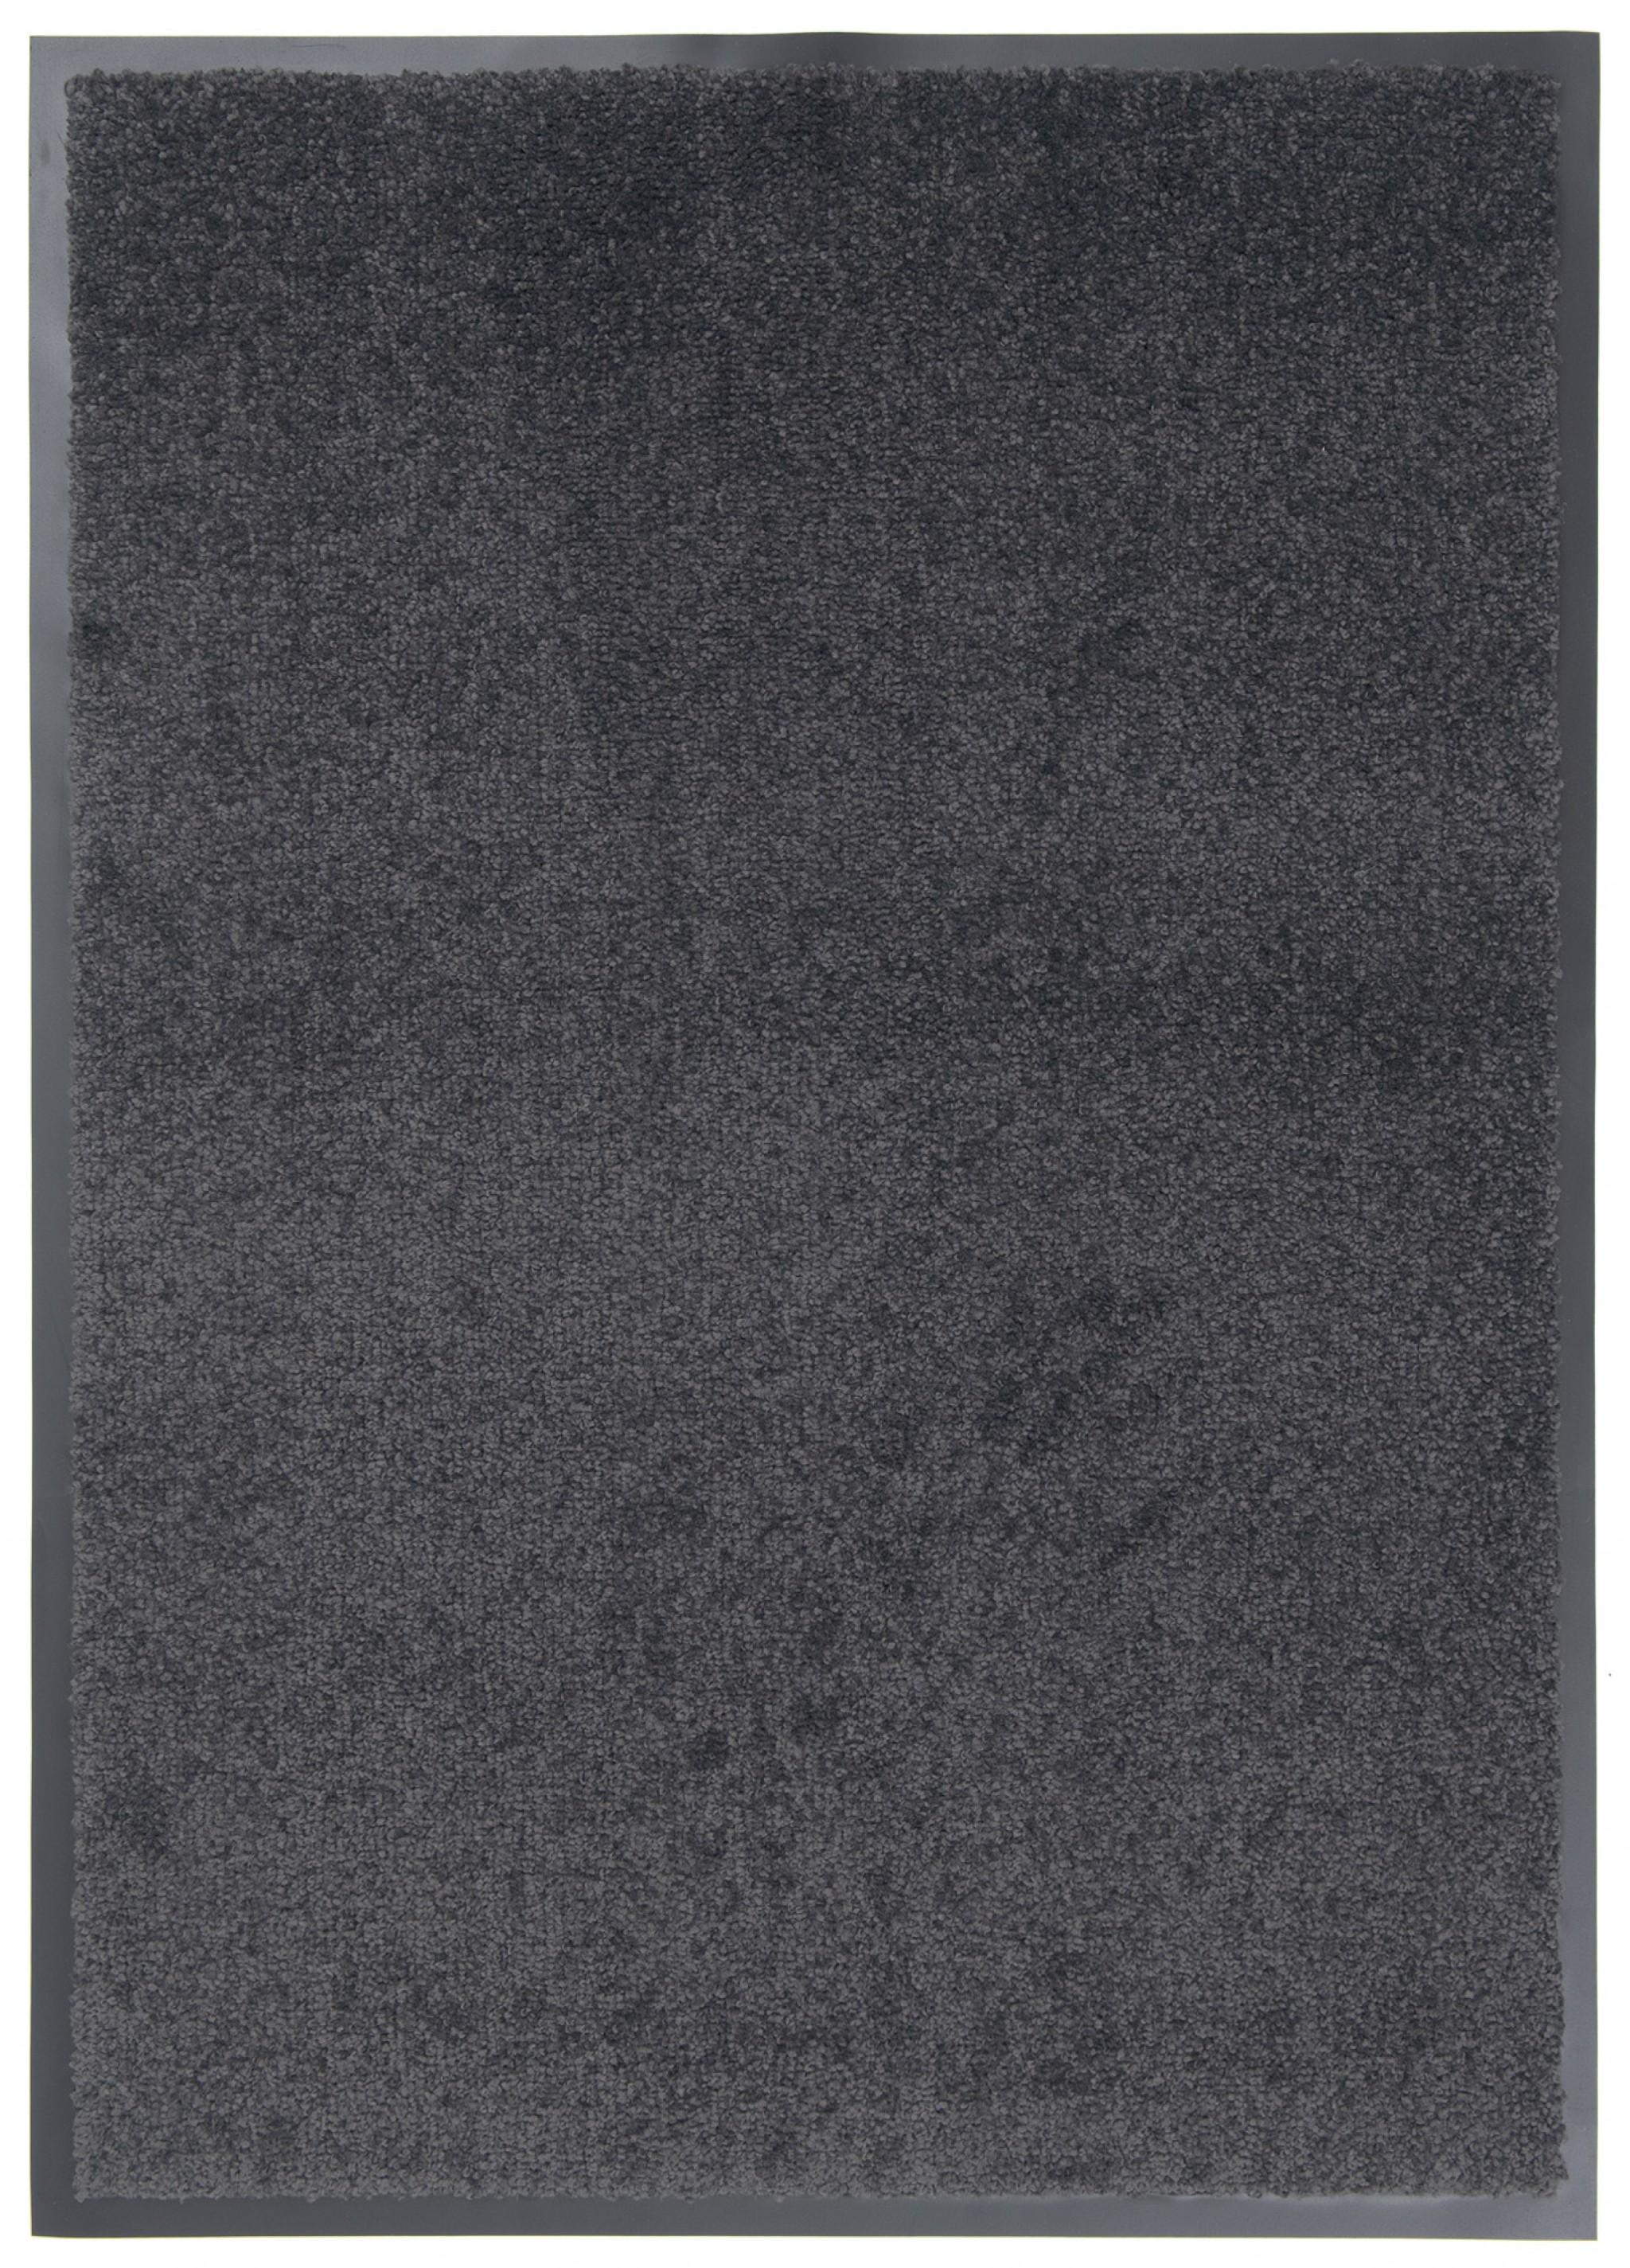 Wycieraczka materiałowa Memphis 373 Antra CM - border 1,5 cm czarny